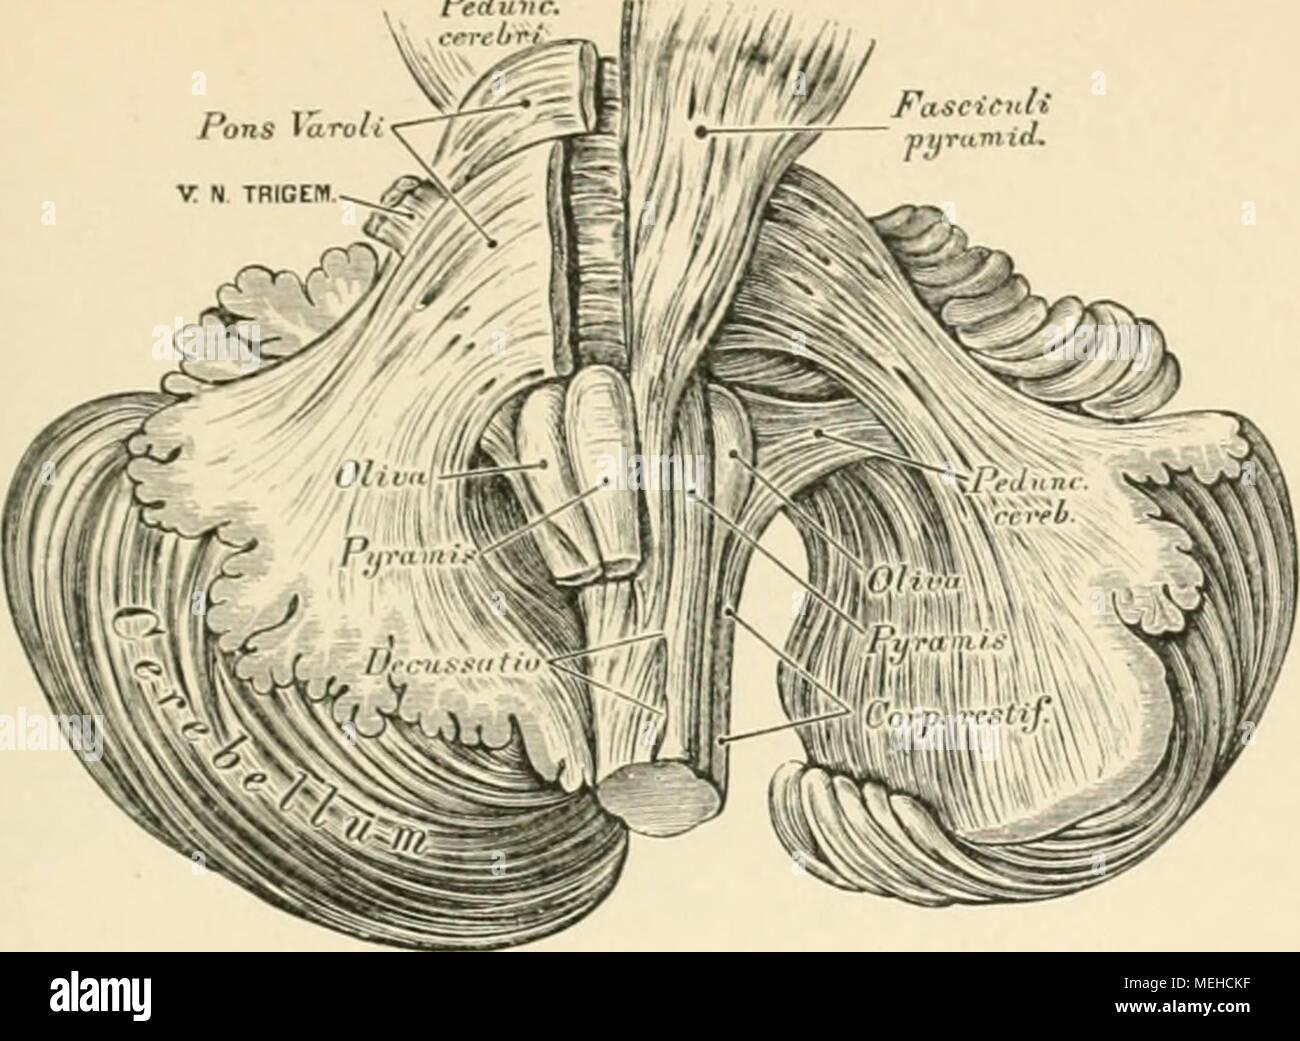 Nett Anhang Anatomie Fotos - Physiologie Von Menschlichen ...